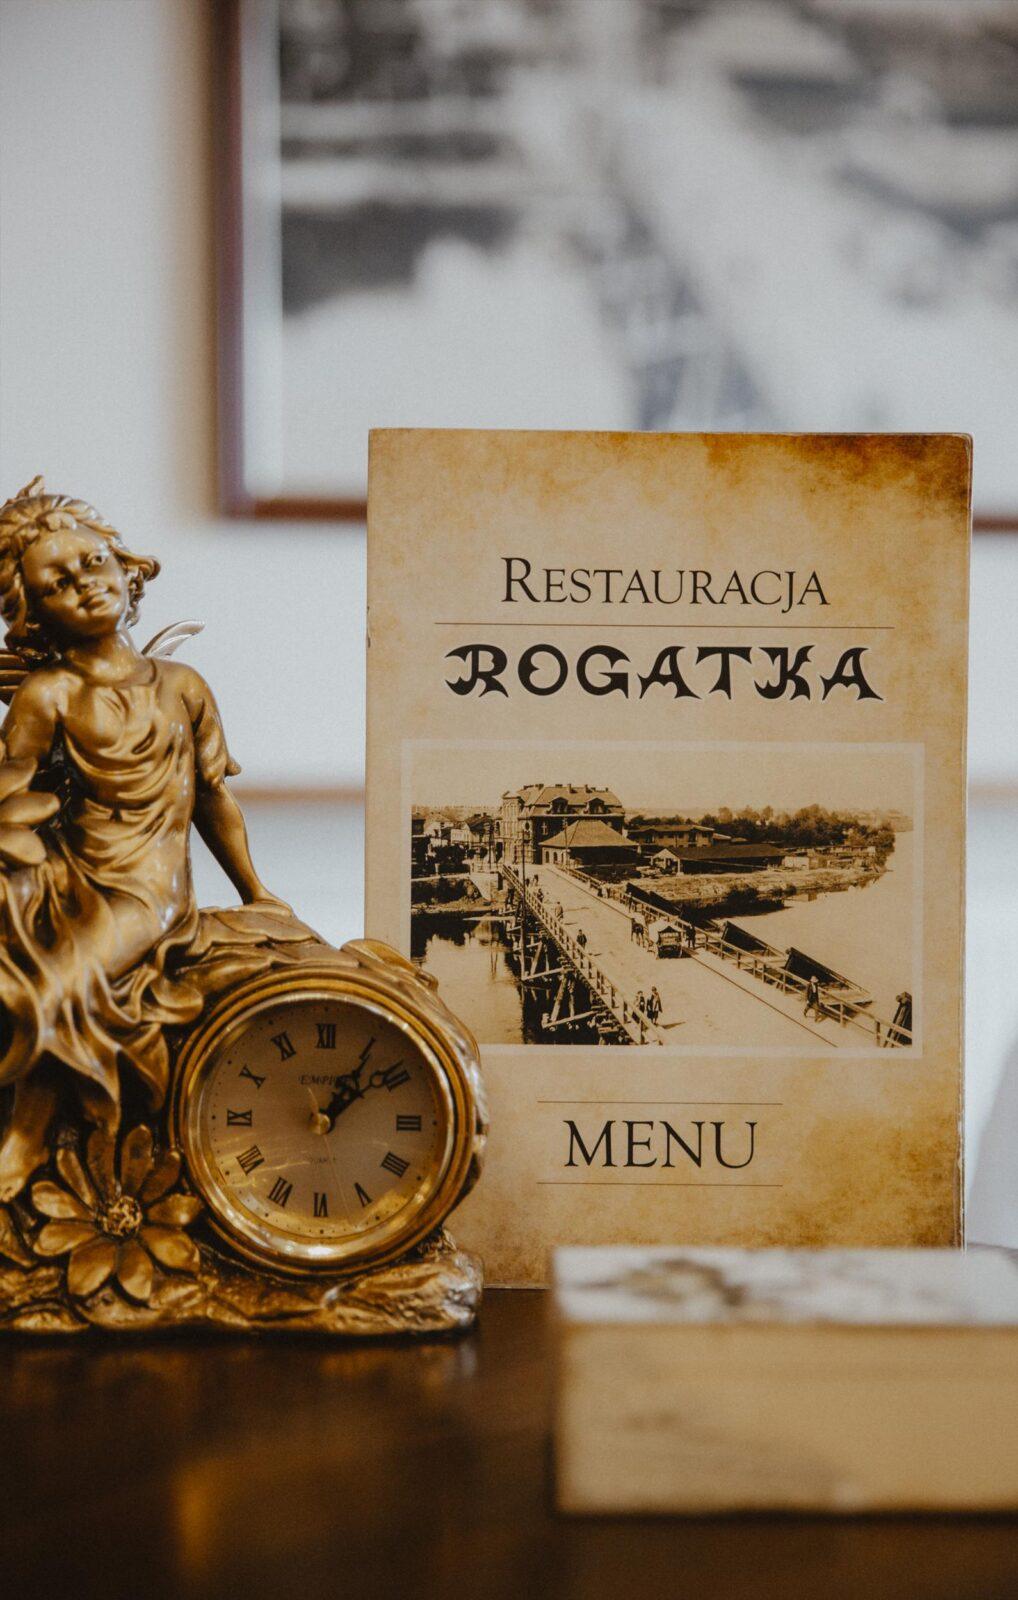 restauracja rogatka, magia, rzeki, magia, chwili, jedzenie domowe, tradycyjna kuchnia, zestawy dnia, kuchnia wegańska, wegetariańska, jedzenie nawynos